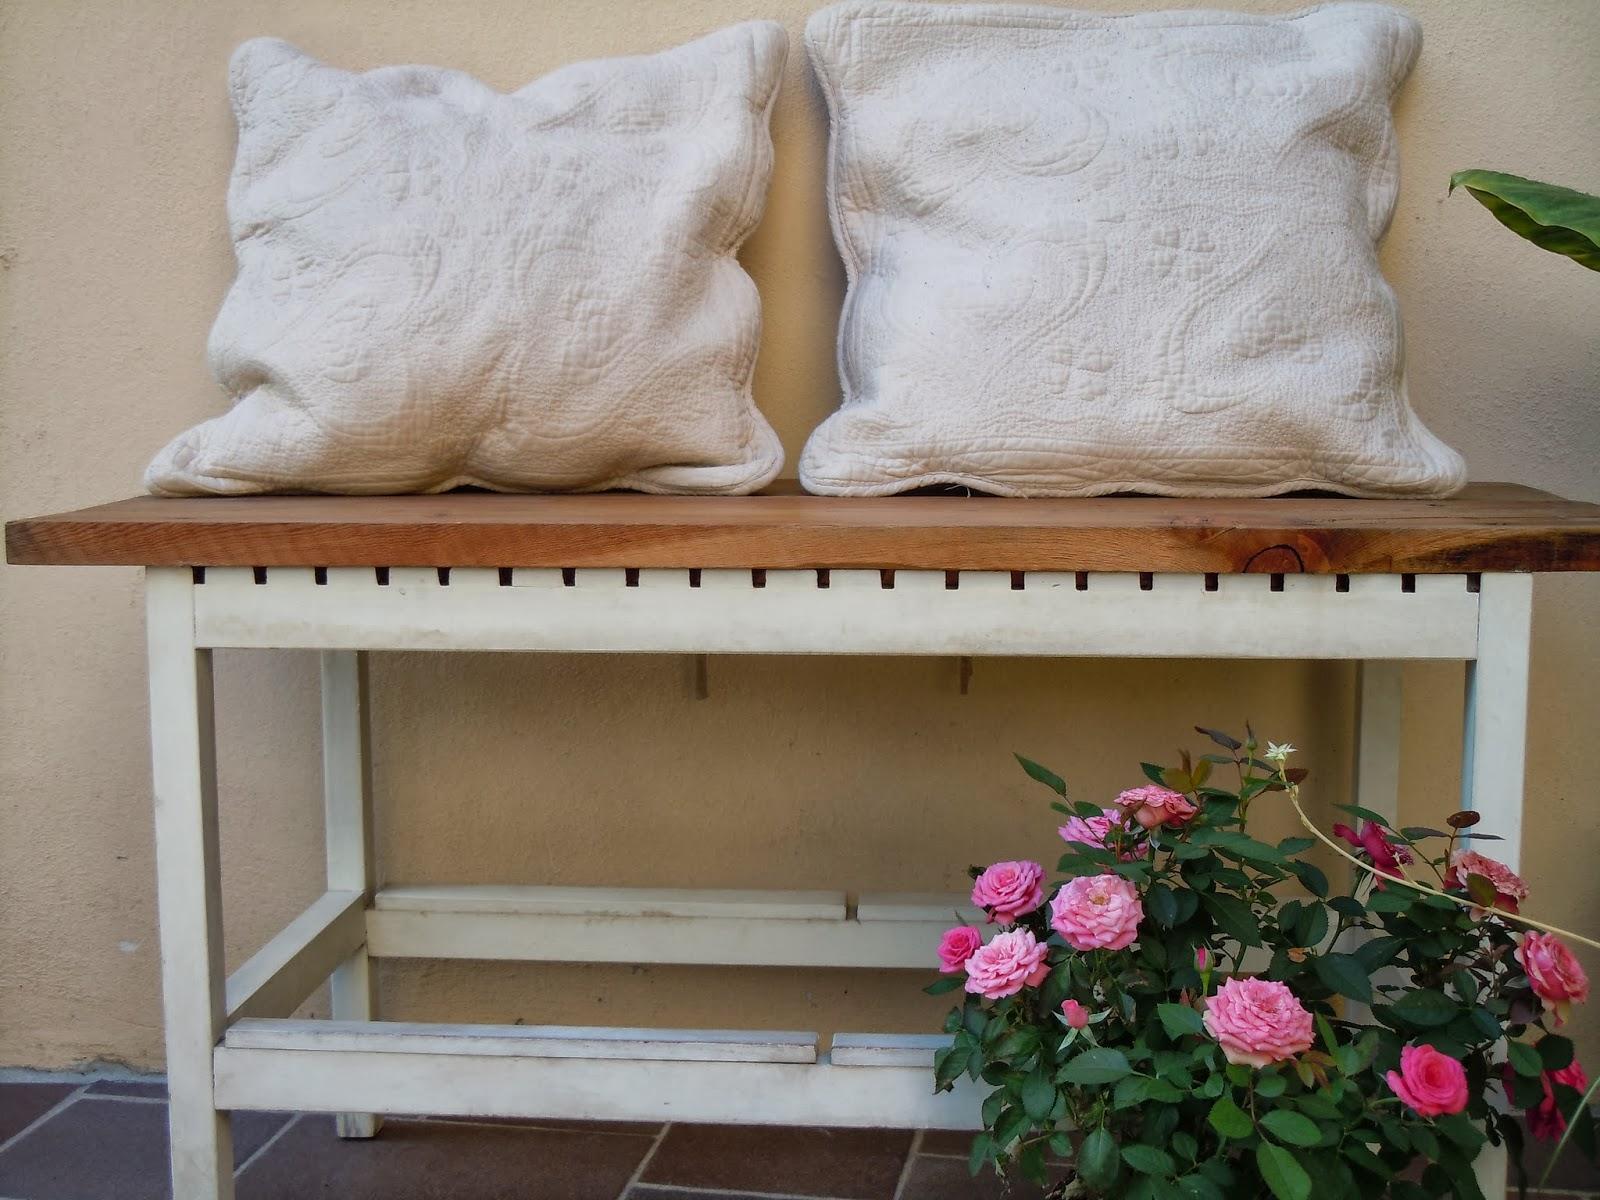 Le idee migliori mi vengono di notte nuova vita per una panca ikea - Panchine da giardino ikea ...